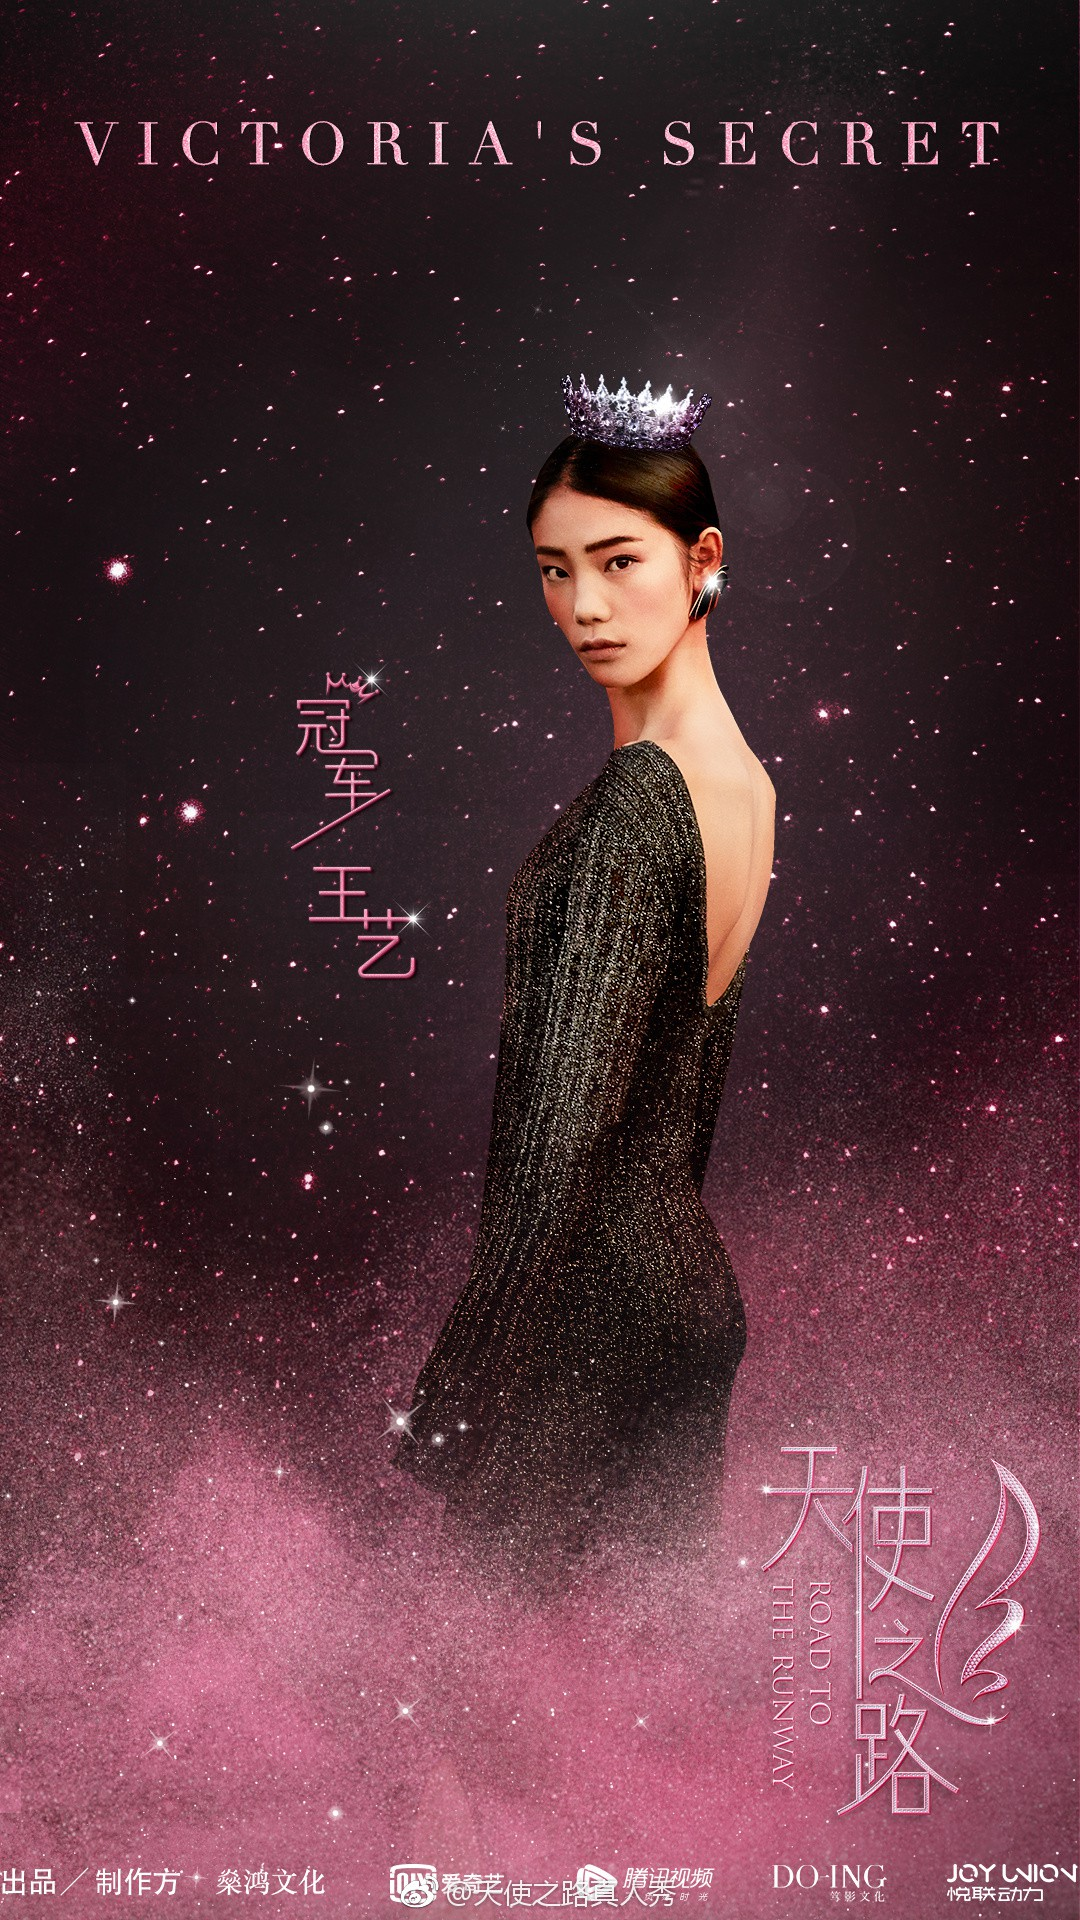 Đây là cô gái Trung Quốc may mắn diễn Victorias Secret với Candice Swanepoel, Liu Wen...! - Ảnh 1.